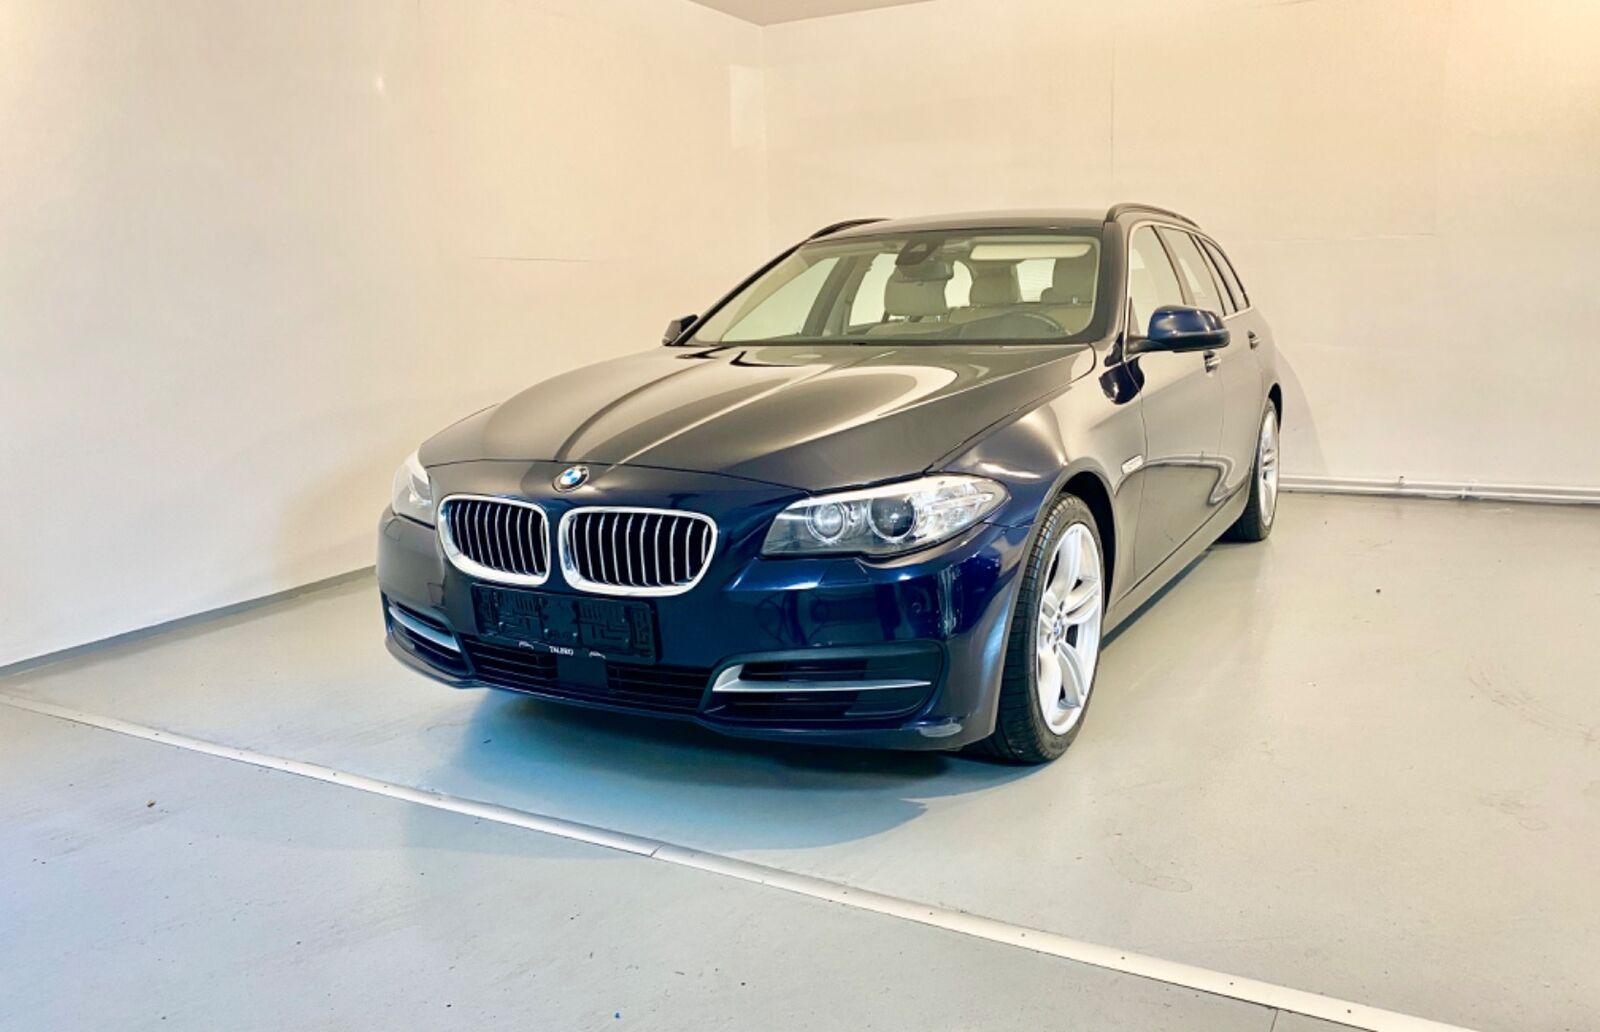 BMW 525d 2,0 Touring xDrive aut. 5d - 289.900 kr.